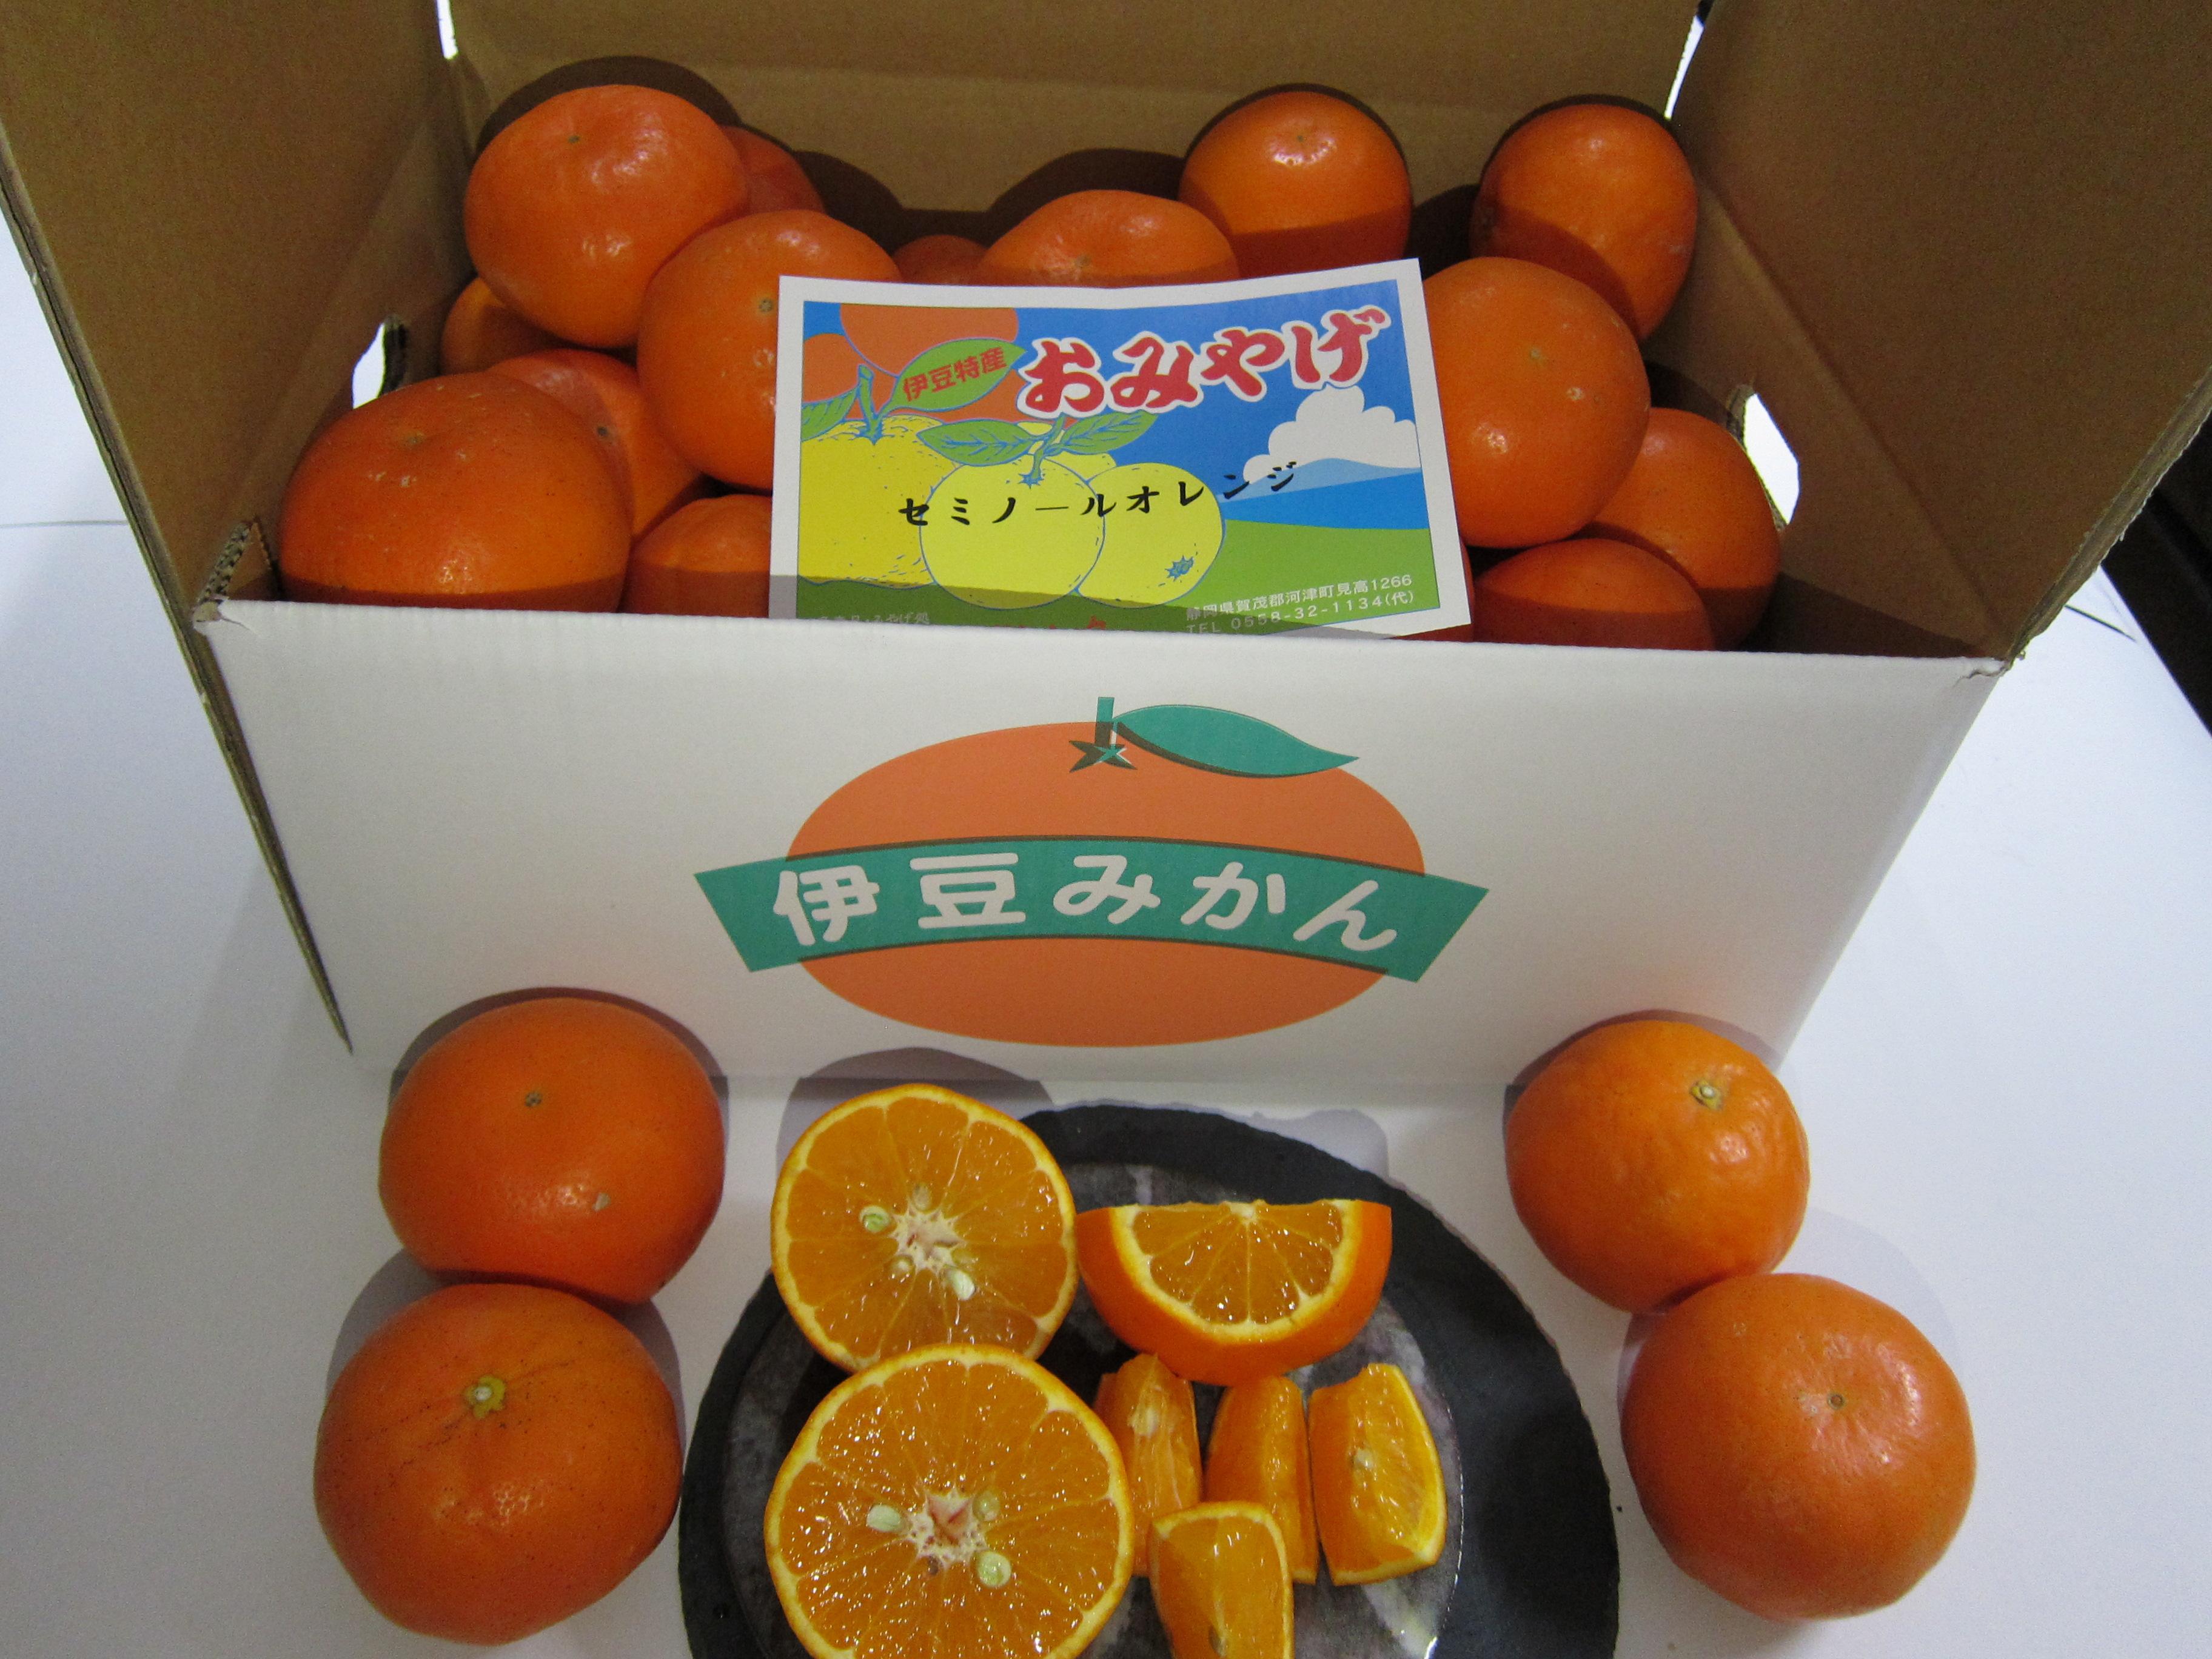 セミノールオレンジ画像